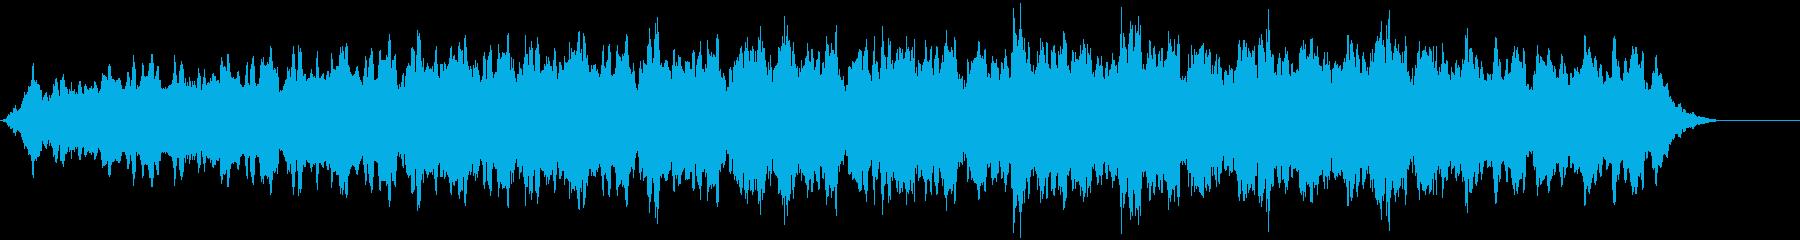 リズミカルな倍音を伴うスローハイピ...の再生済みの波形